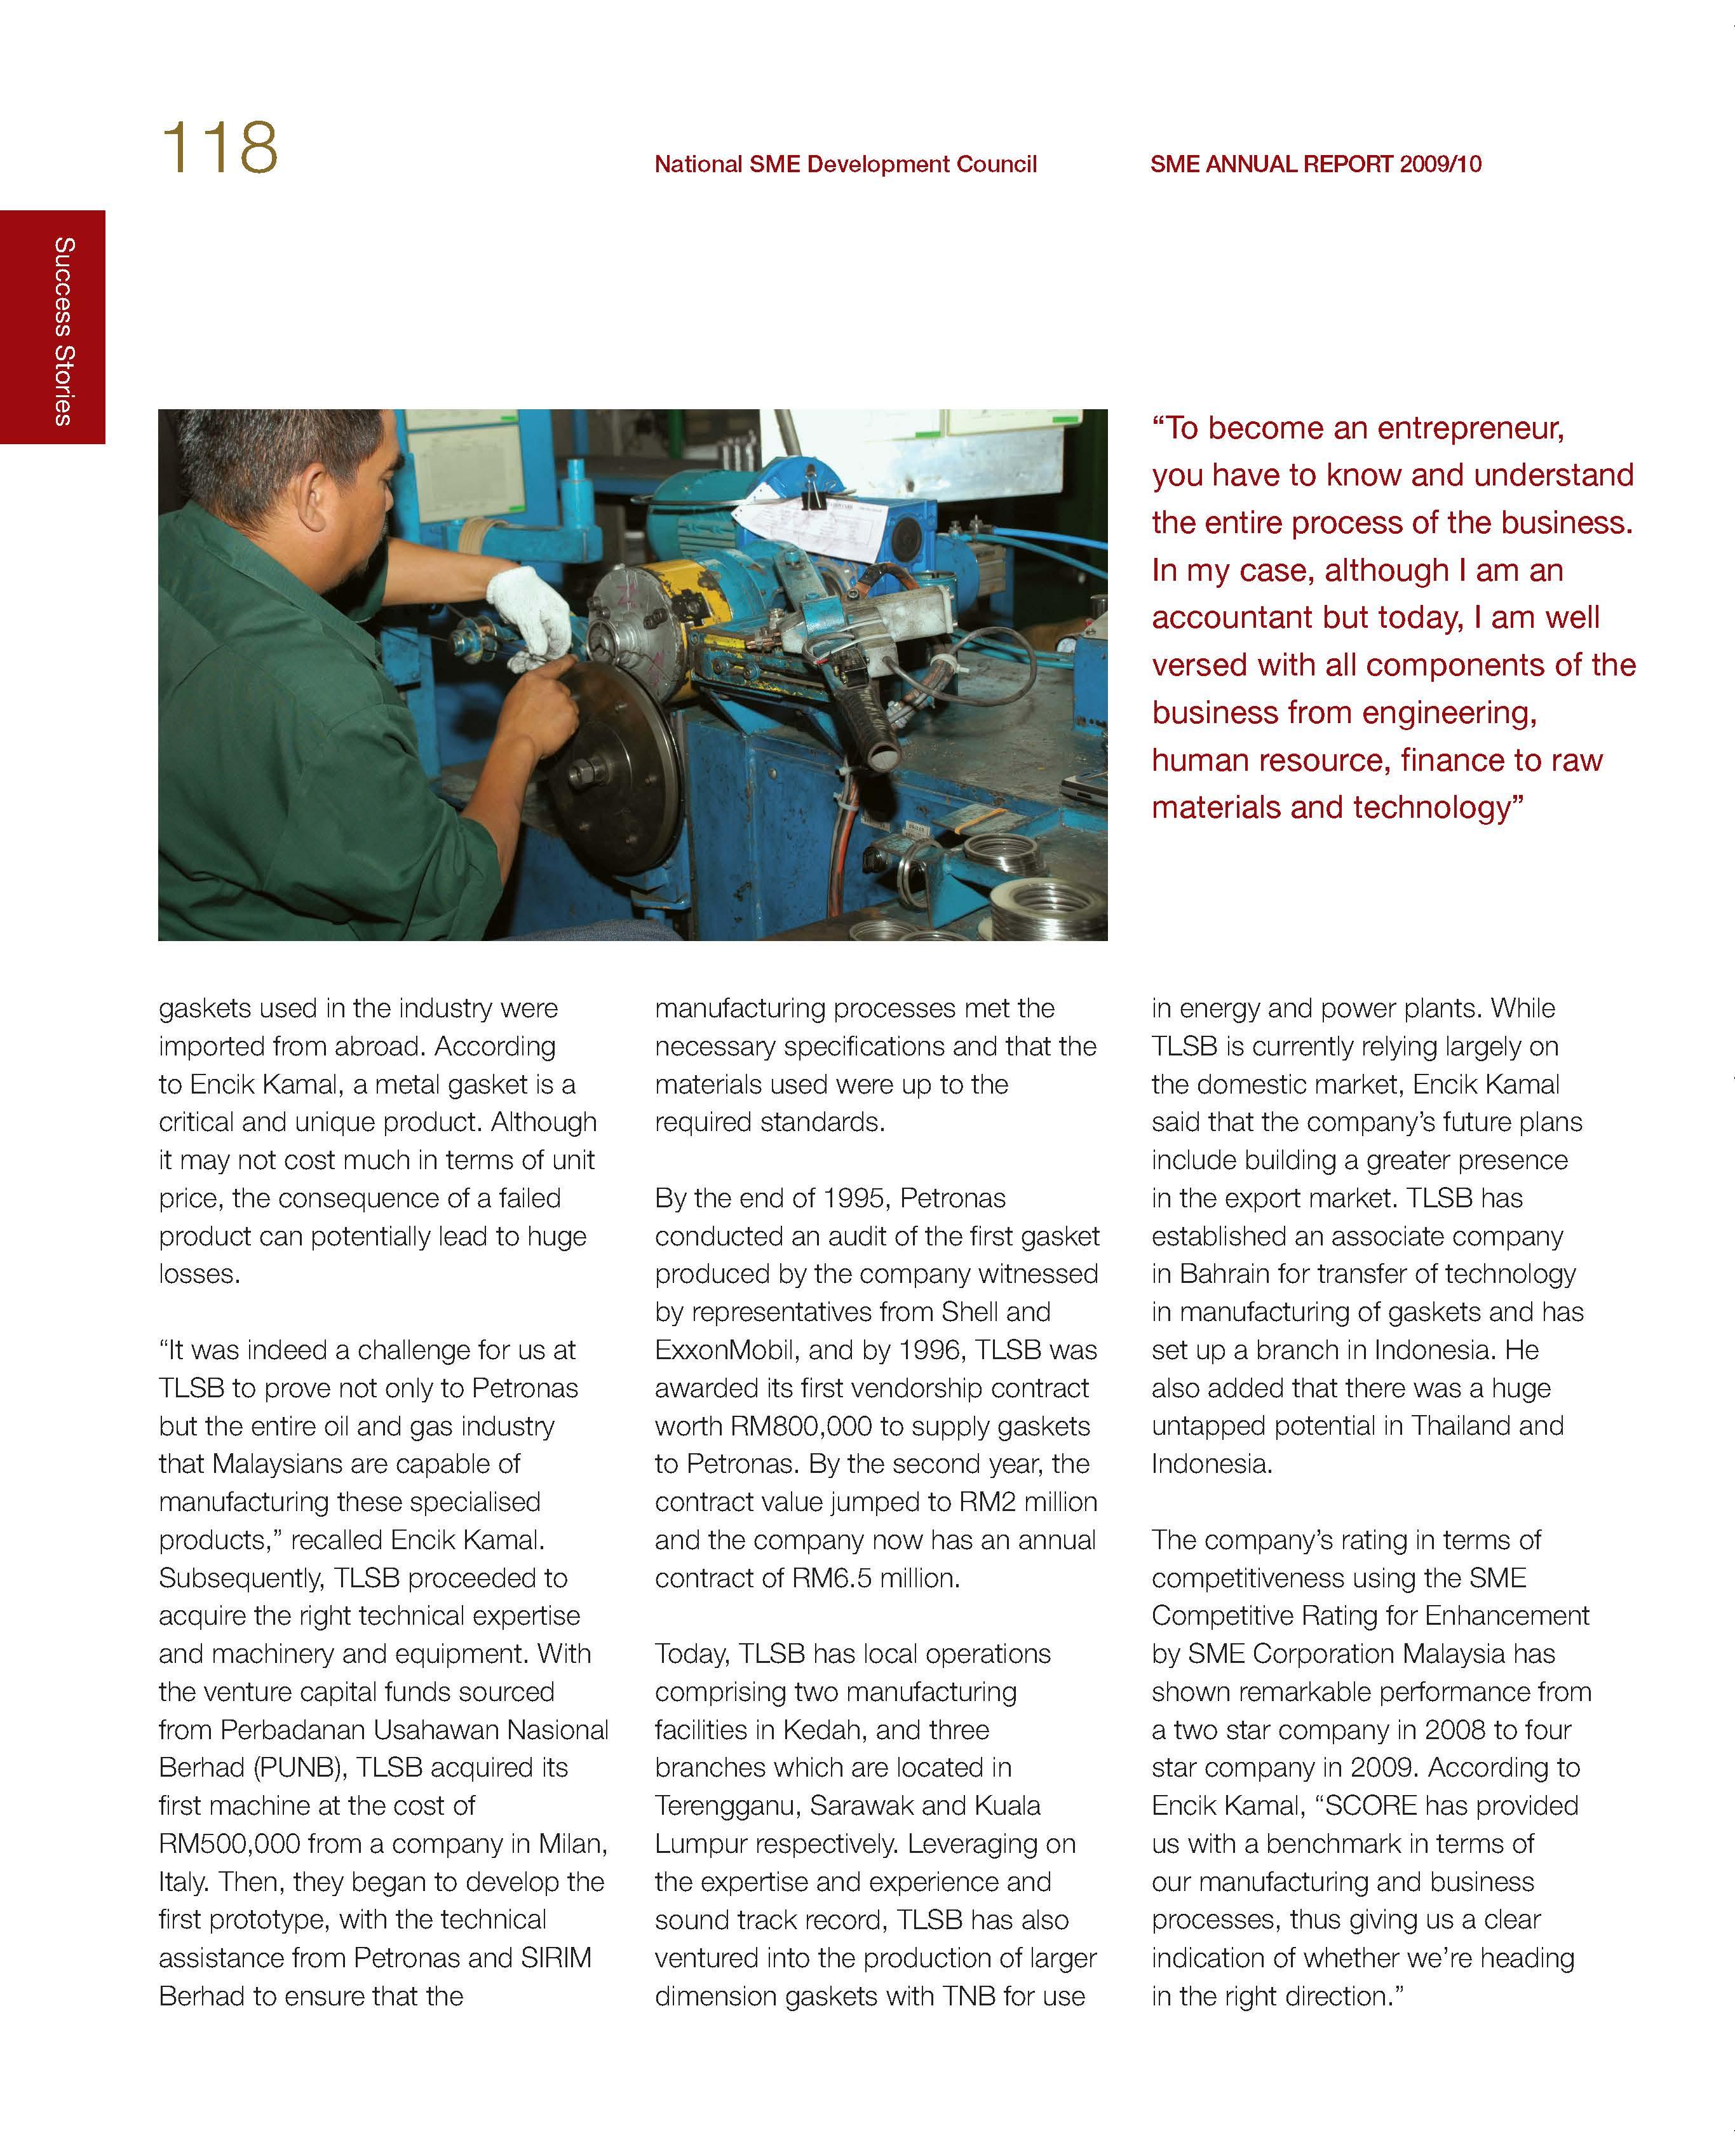 SME Corporation Malaysia - SME Annual Reports - Annual